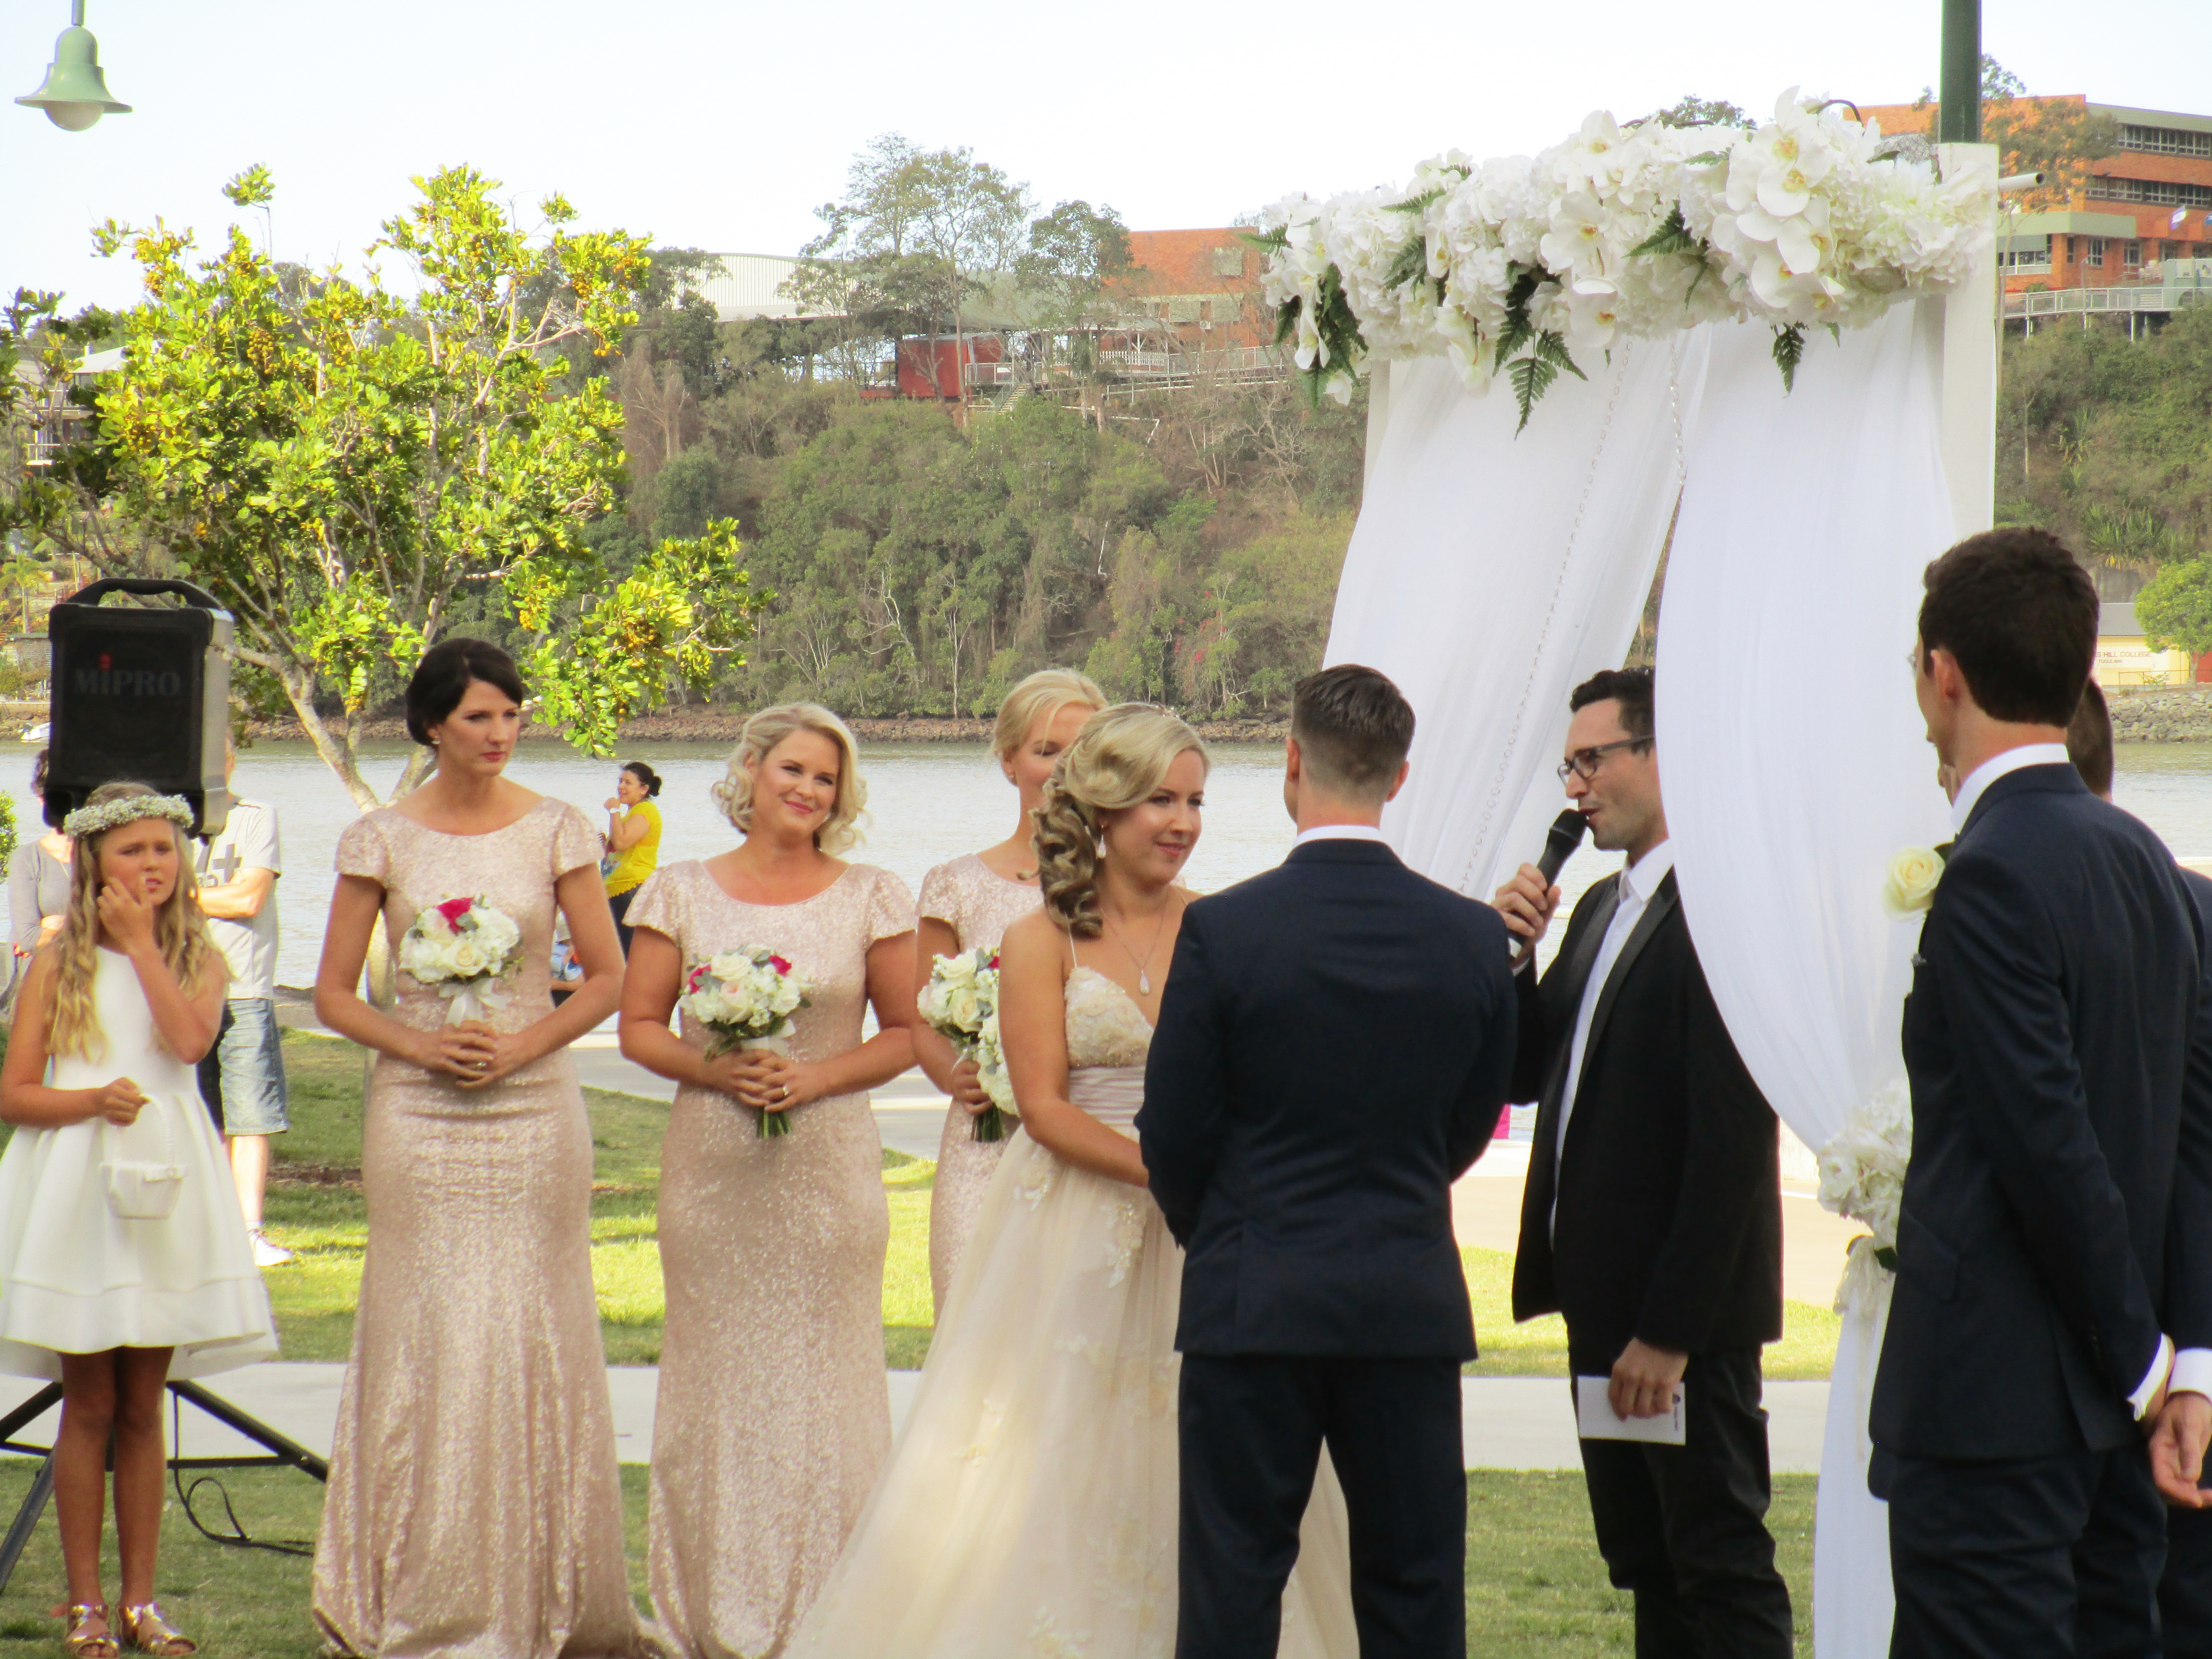 IMG_0657_NF 2 bride